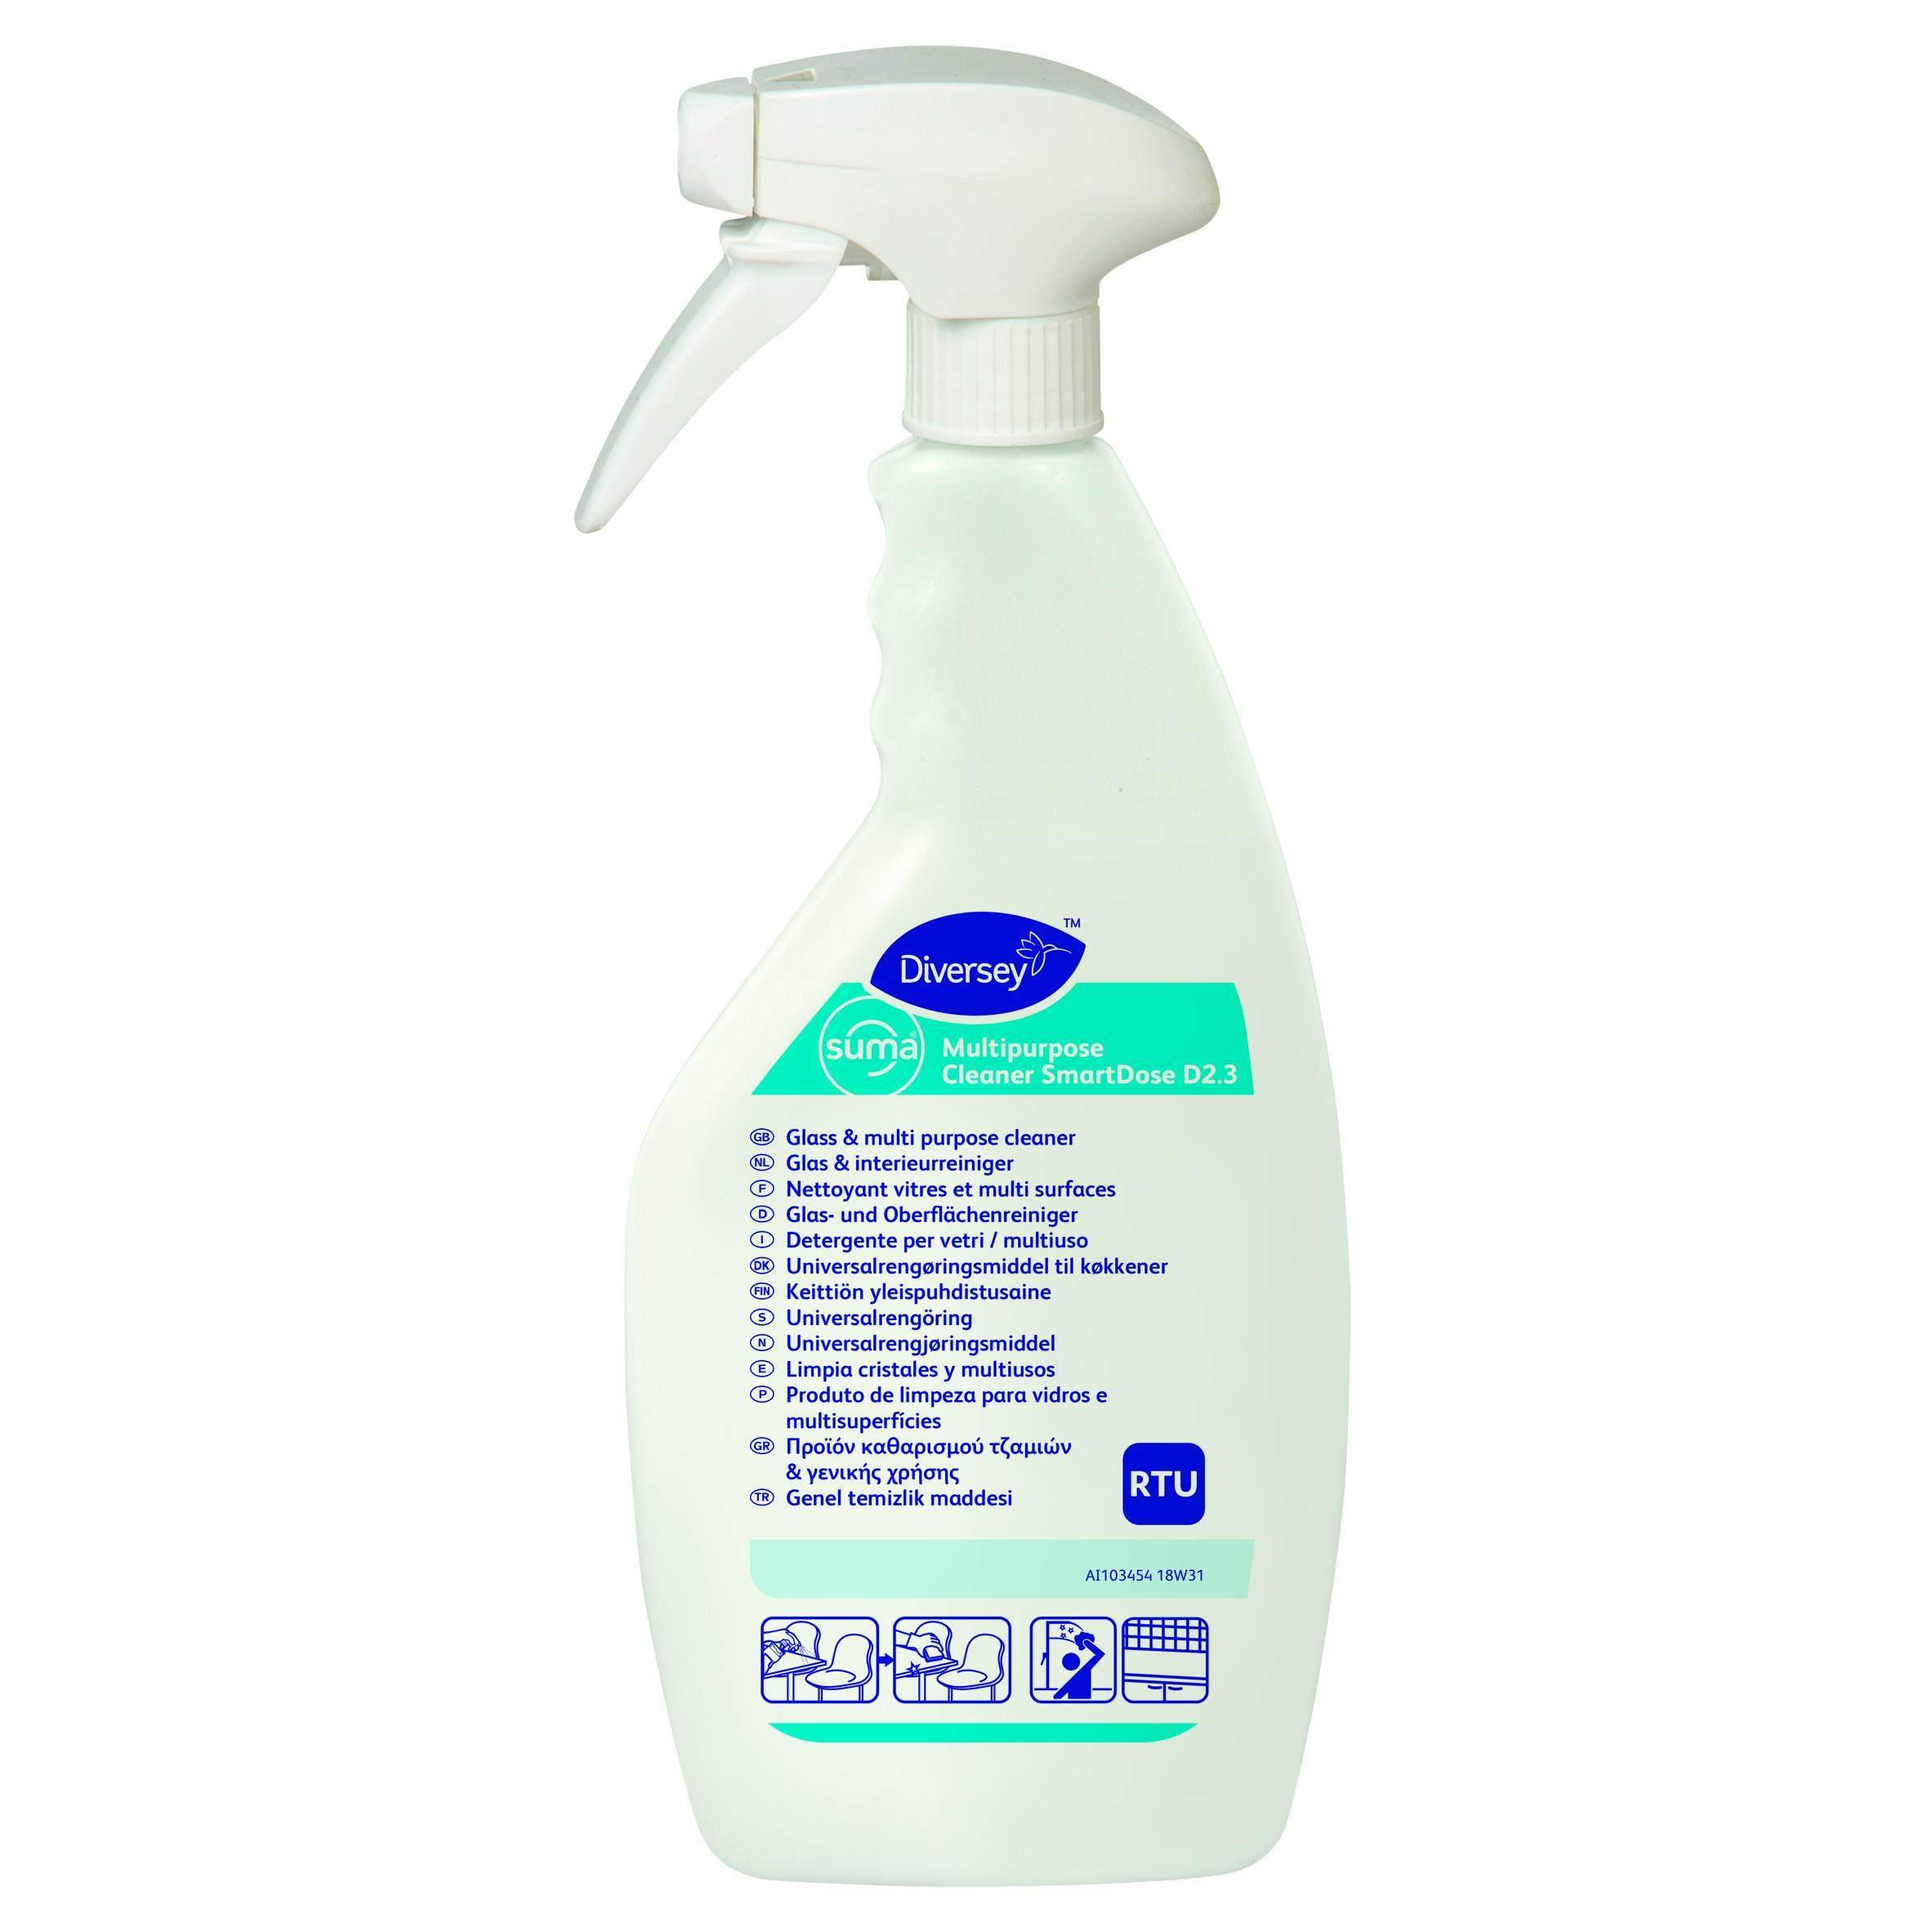 7524047-Suma-D2.3-SmartDose-RTU-spray-bottle-CMYK-20x20cm.jpg